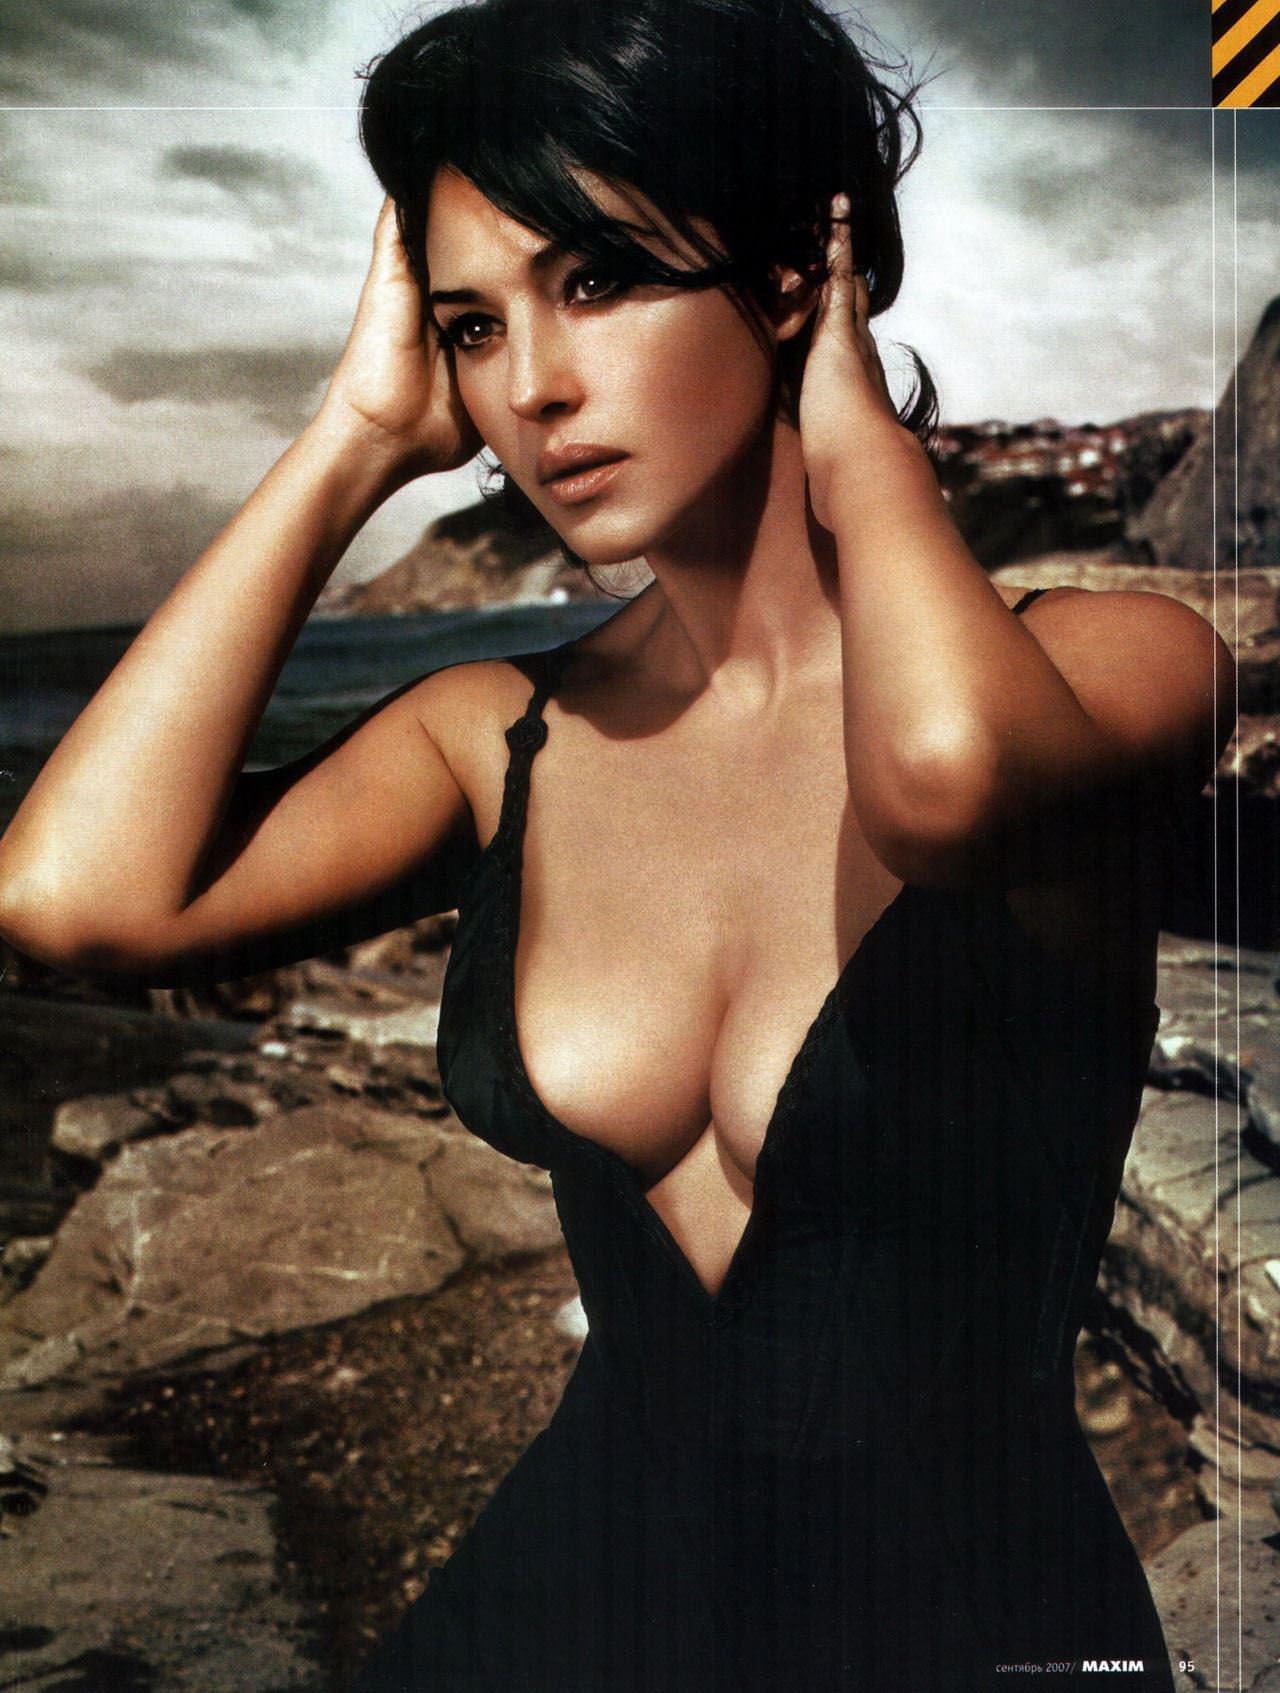 【外人】イタリア人女優モニカ・ベルッチ(Monica Bellucci)の大胆おっぱい露出ポルノ画像 4116